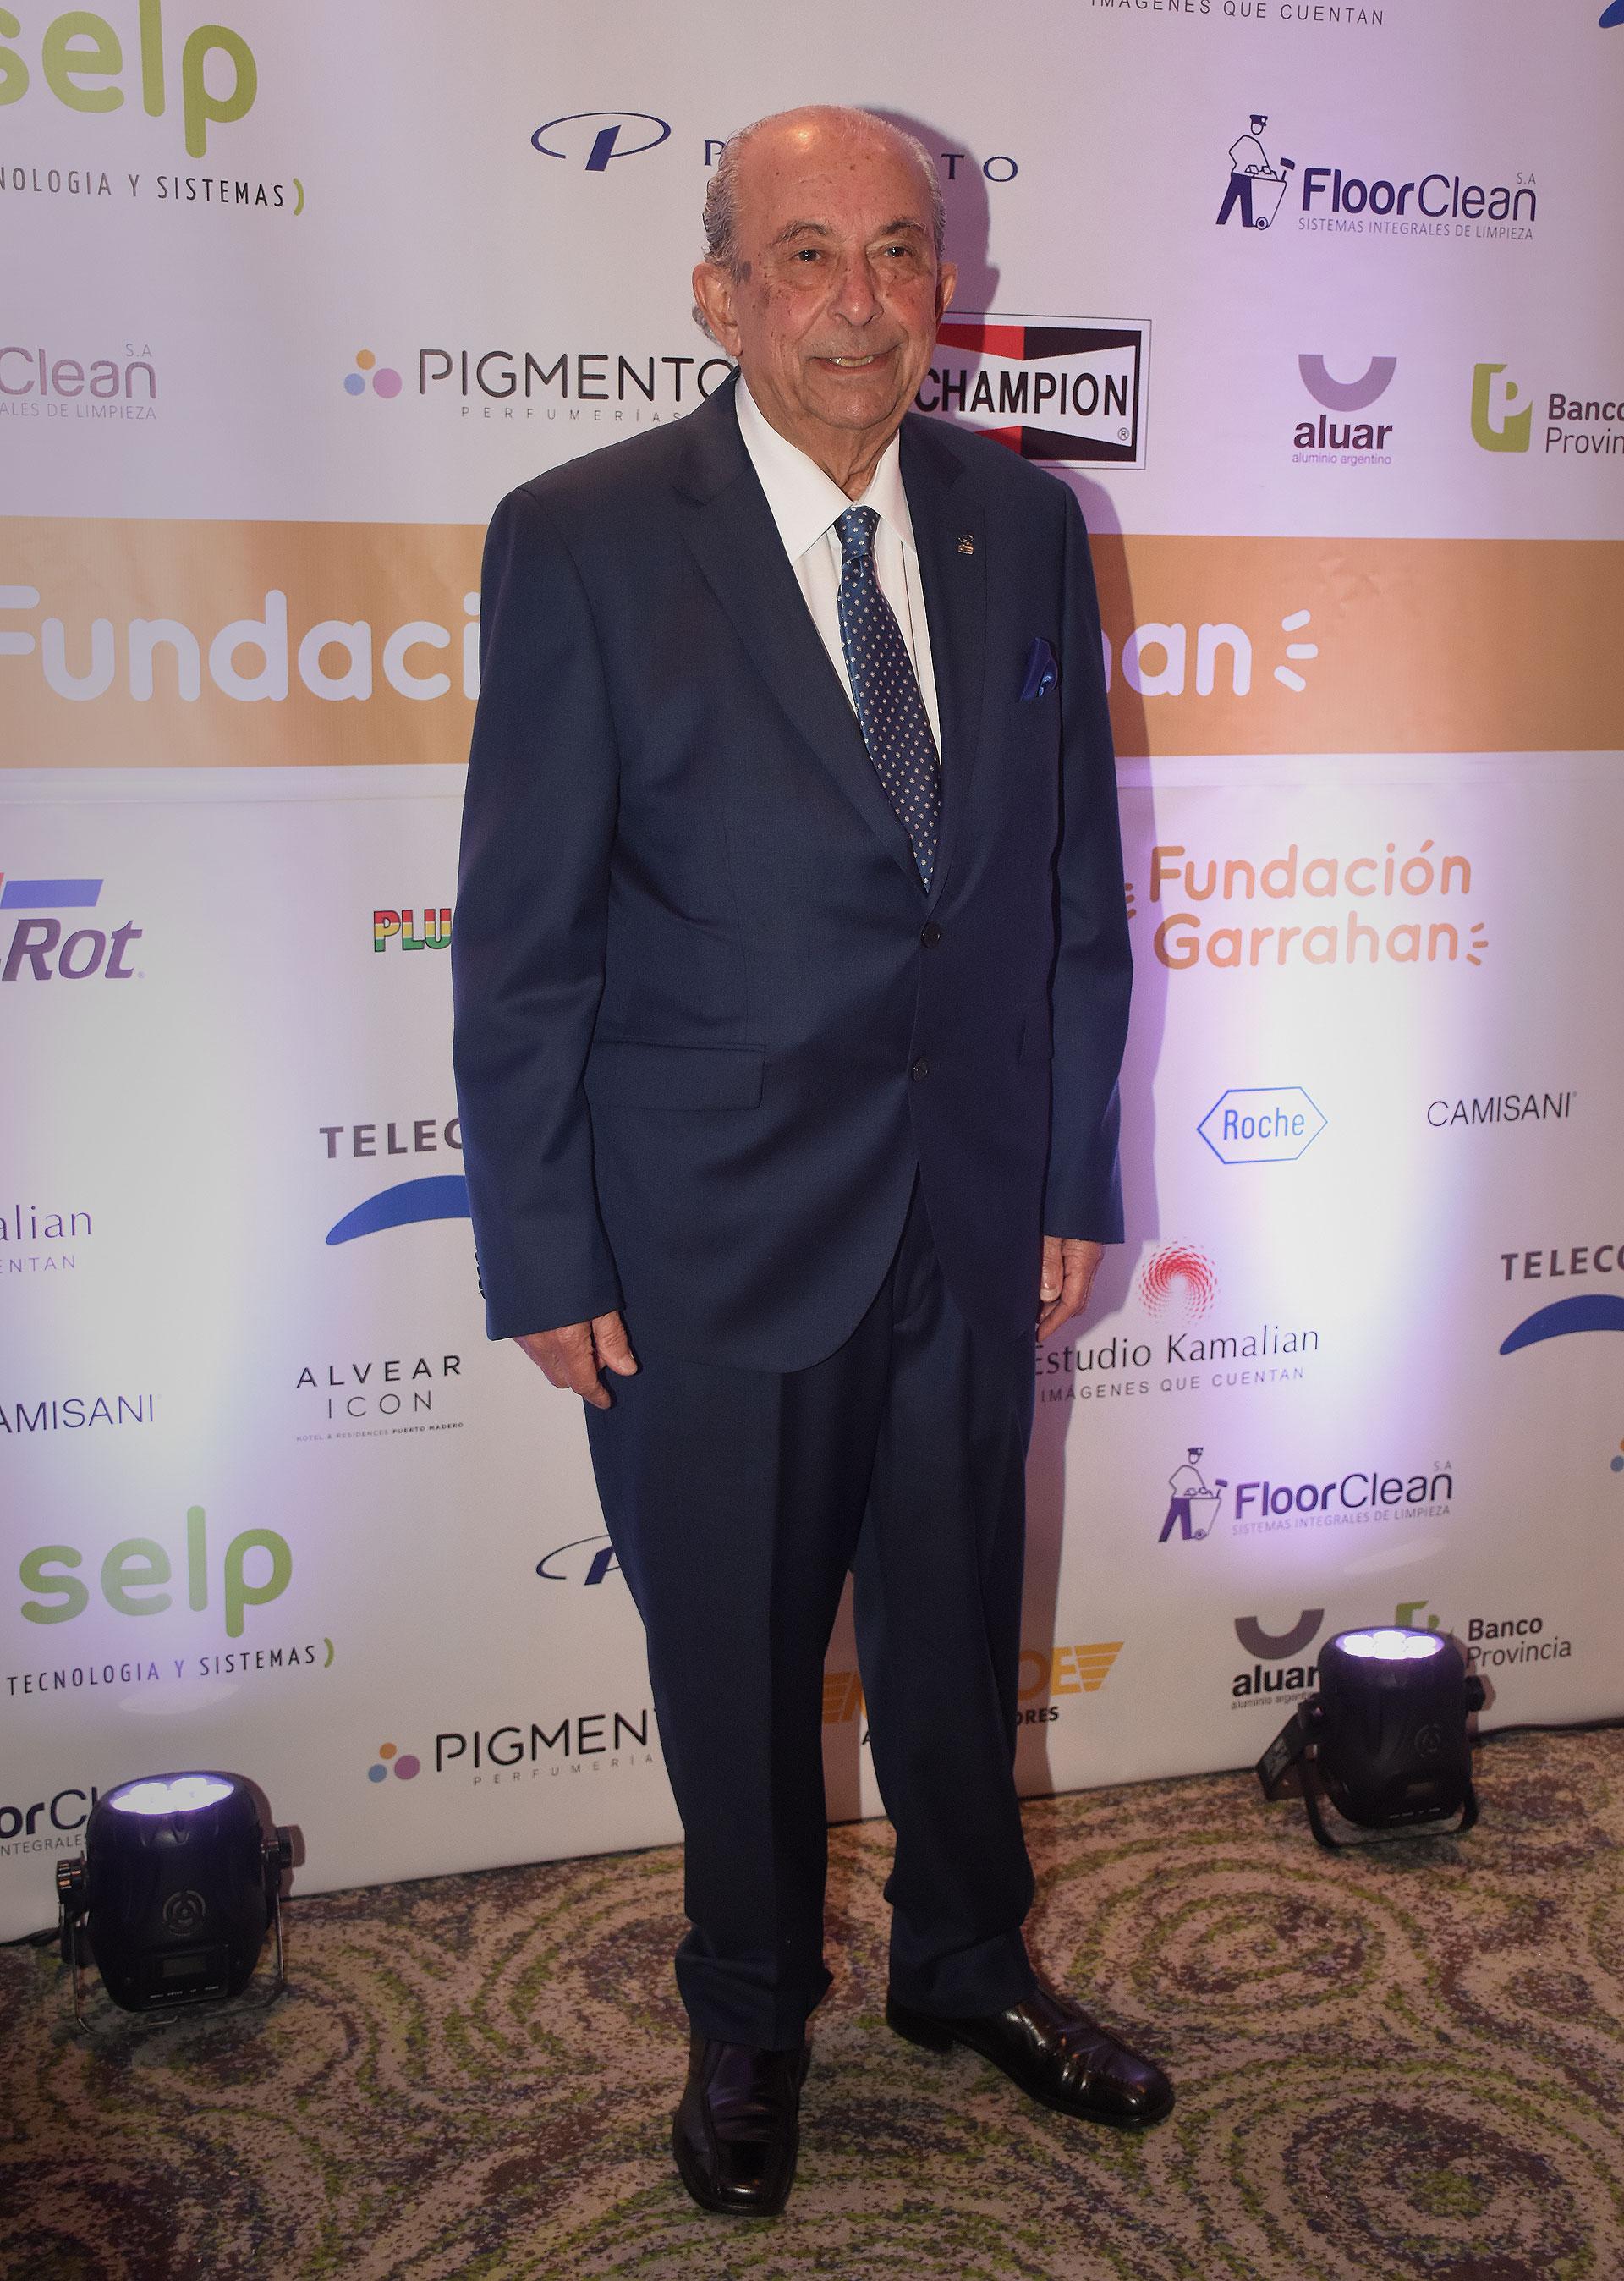 Jorge Víctor Menehem, médico pediatra, especialista en administración de sistemas de salud y presidente de la Fundación Juan Garrahan